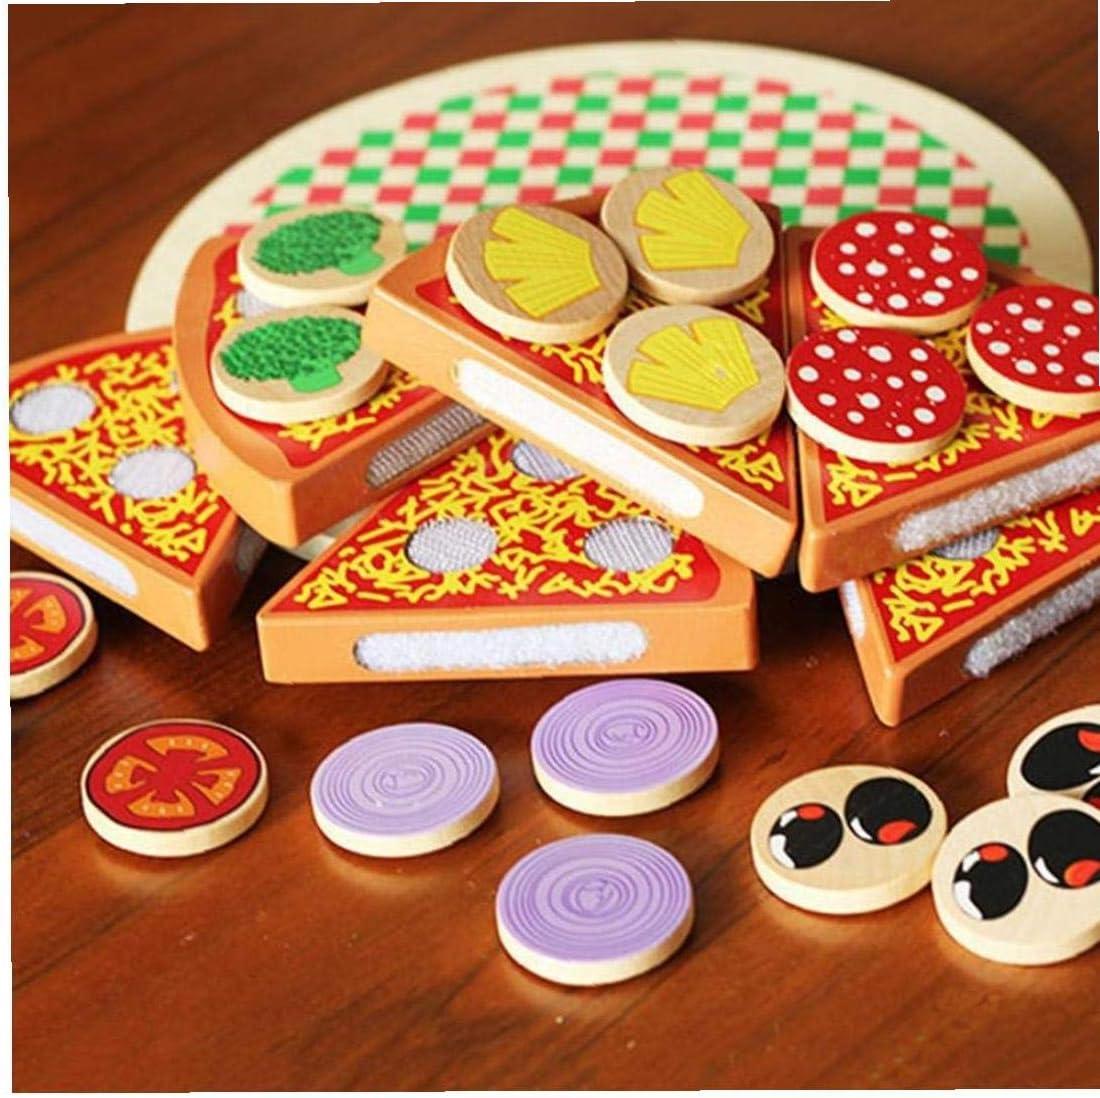 Kreativit/ät Zusa Holz Pizza Frucht-Scheiben Schneiden Geschirr K/üche Pretend Play Kinder Spielzeug Byfri 27pcs Verbessert Imagination